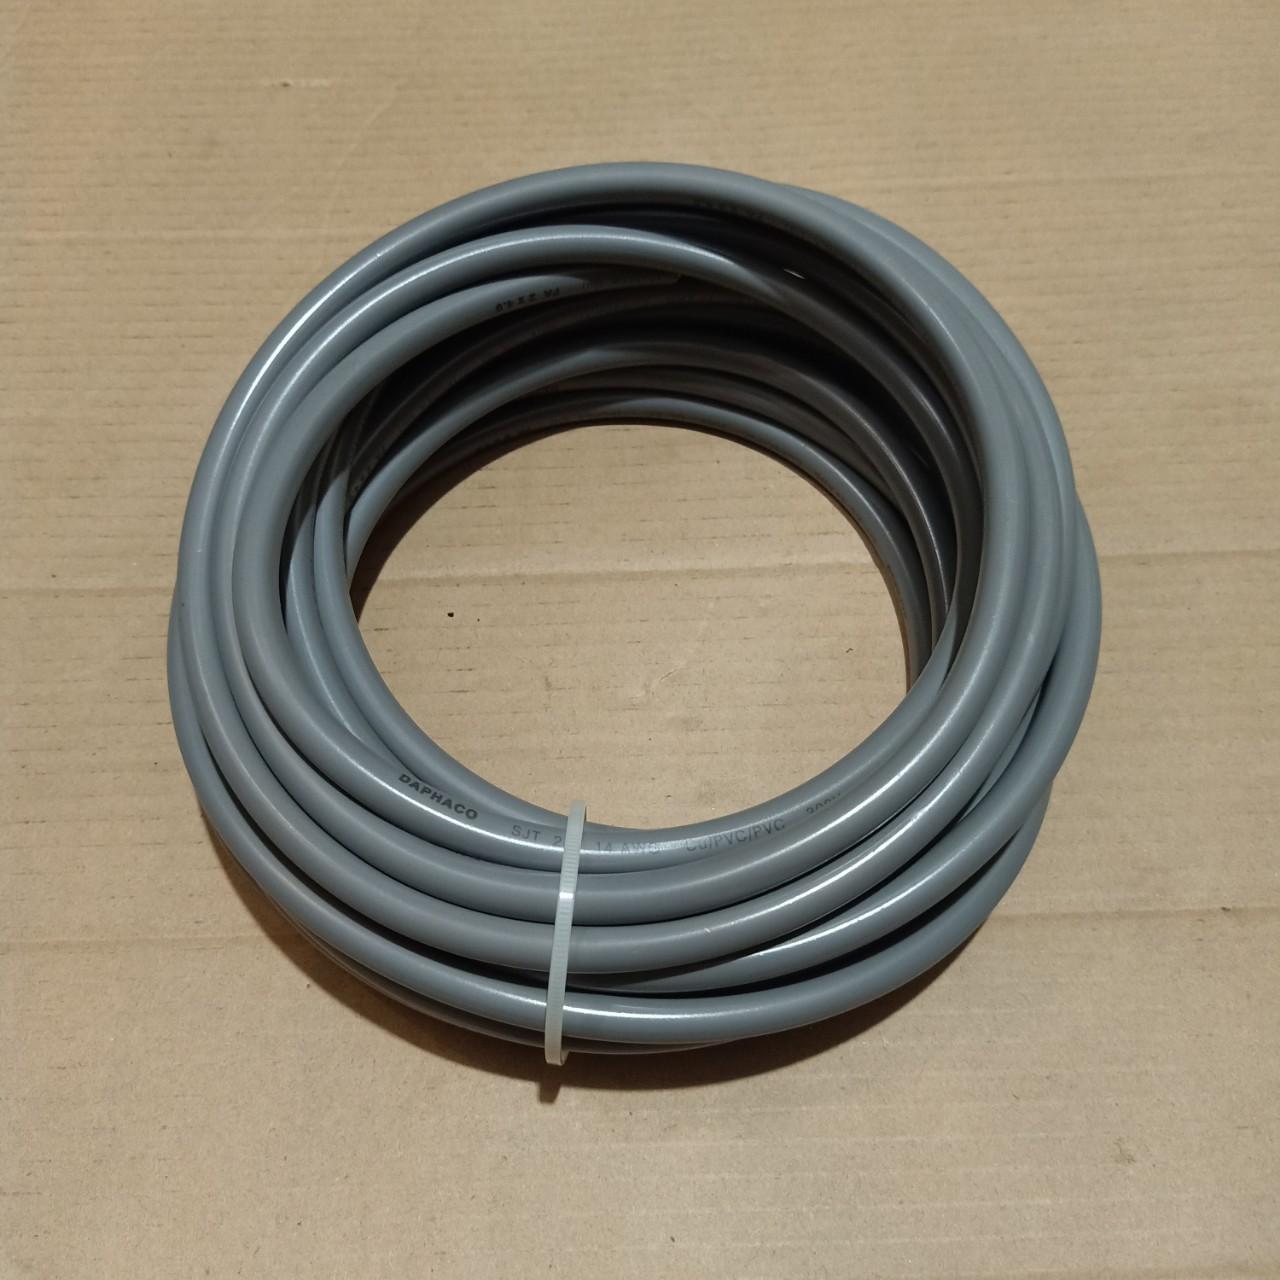 Bộ 10 mét dây điện FA 2x4.0 DAPHACO- 100% dây đồng nguyên chất